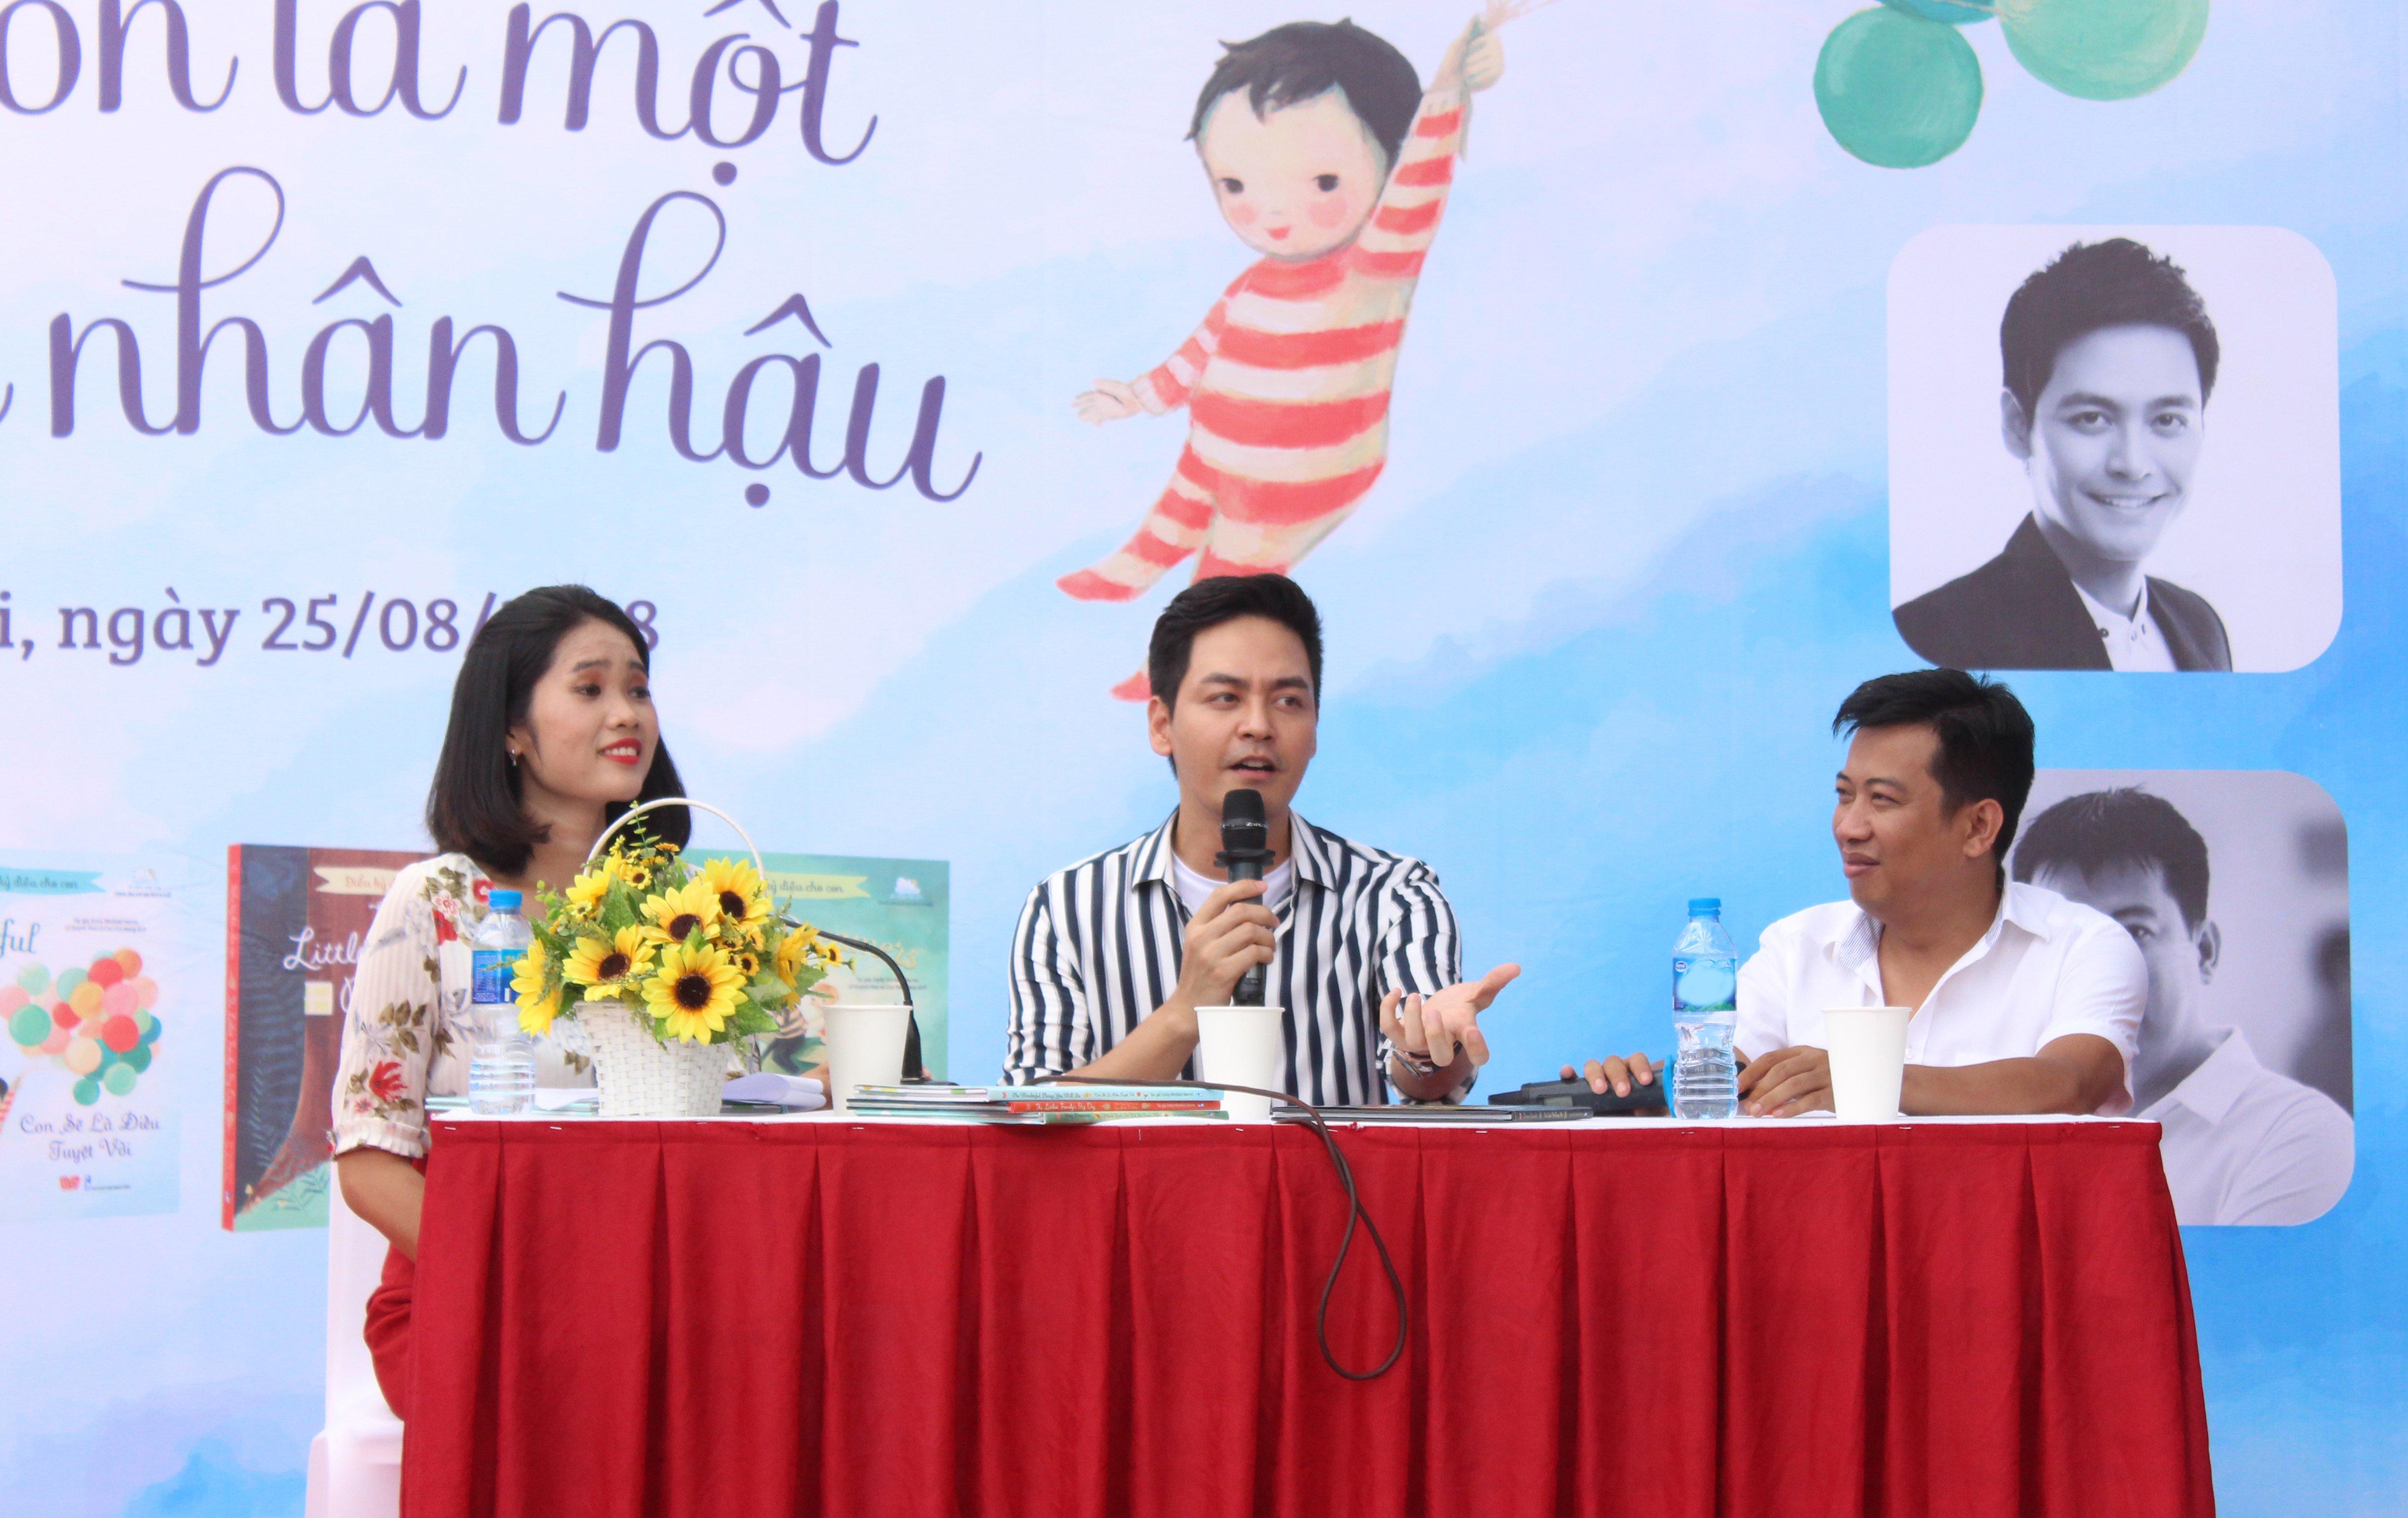 """MC Phan Anh: """"Sự nhân hậu giống như những hạt mầm luôn tồn tại trong mỗi chúng ta"""""""